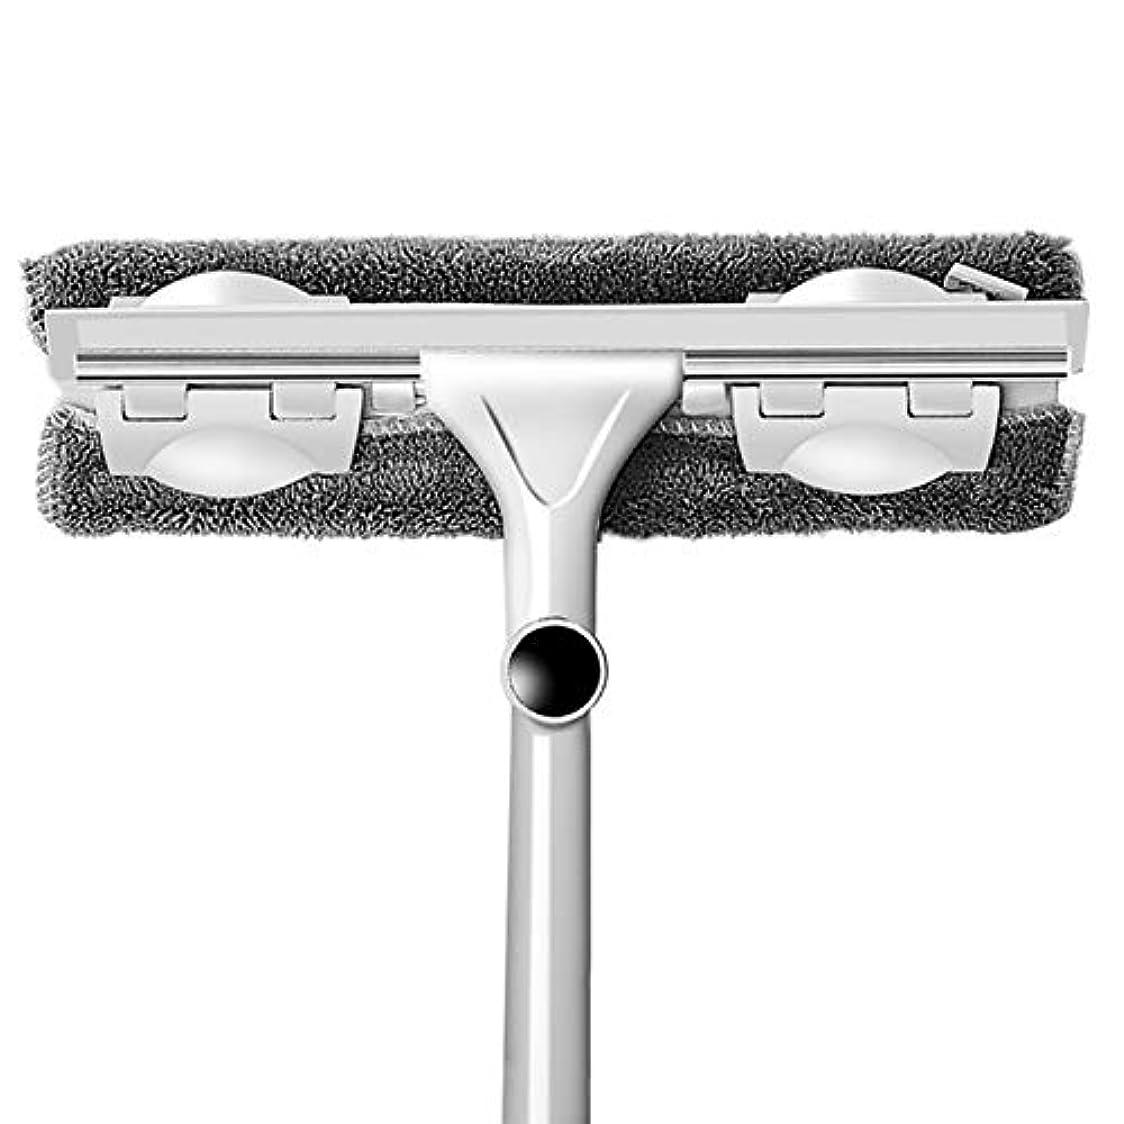 歩道熟考するのぞき穴SODIAL ガラスのクリーニングツール、両面伸縮式ロッド、ウィンドウのクリーナー、スキージ、ワイパー、ロングハンドル、回転ヘッド、ブラシ、シリコンのスクラバー